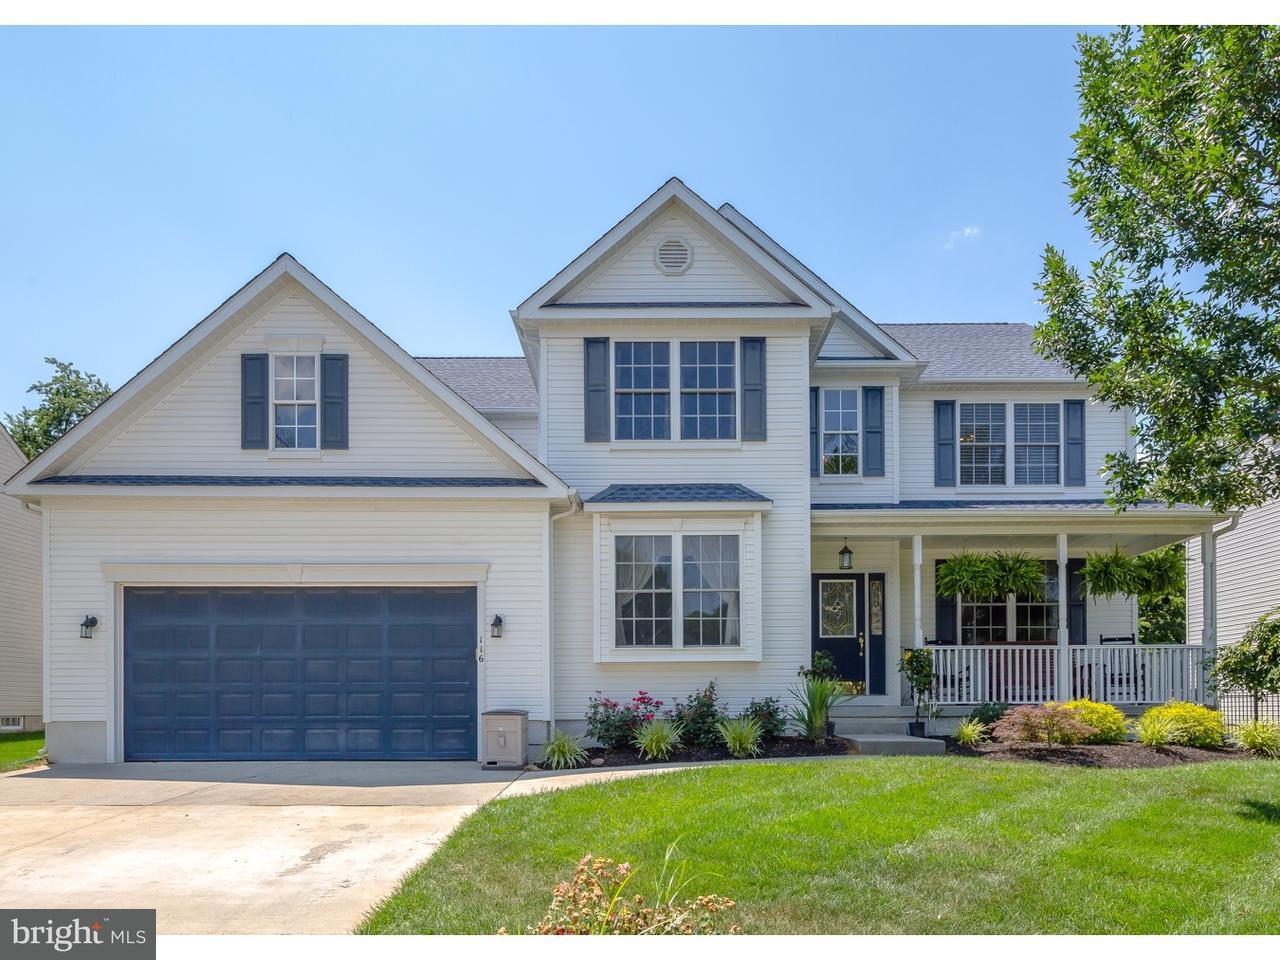 Частный односемейный дом для того Продажа на 116 LIBERTY Court Logan Township, Нью-Джерси 08085 Соединенные Штаты